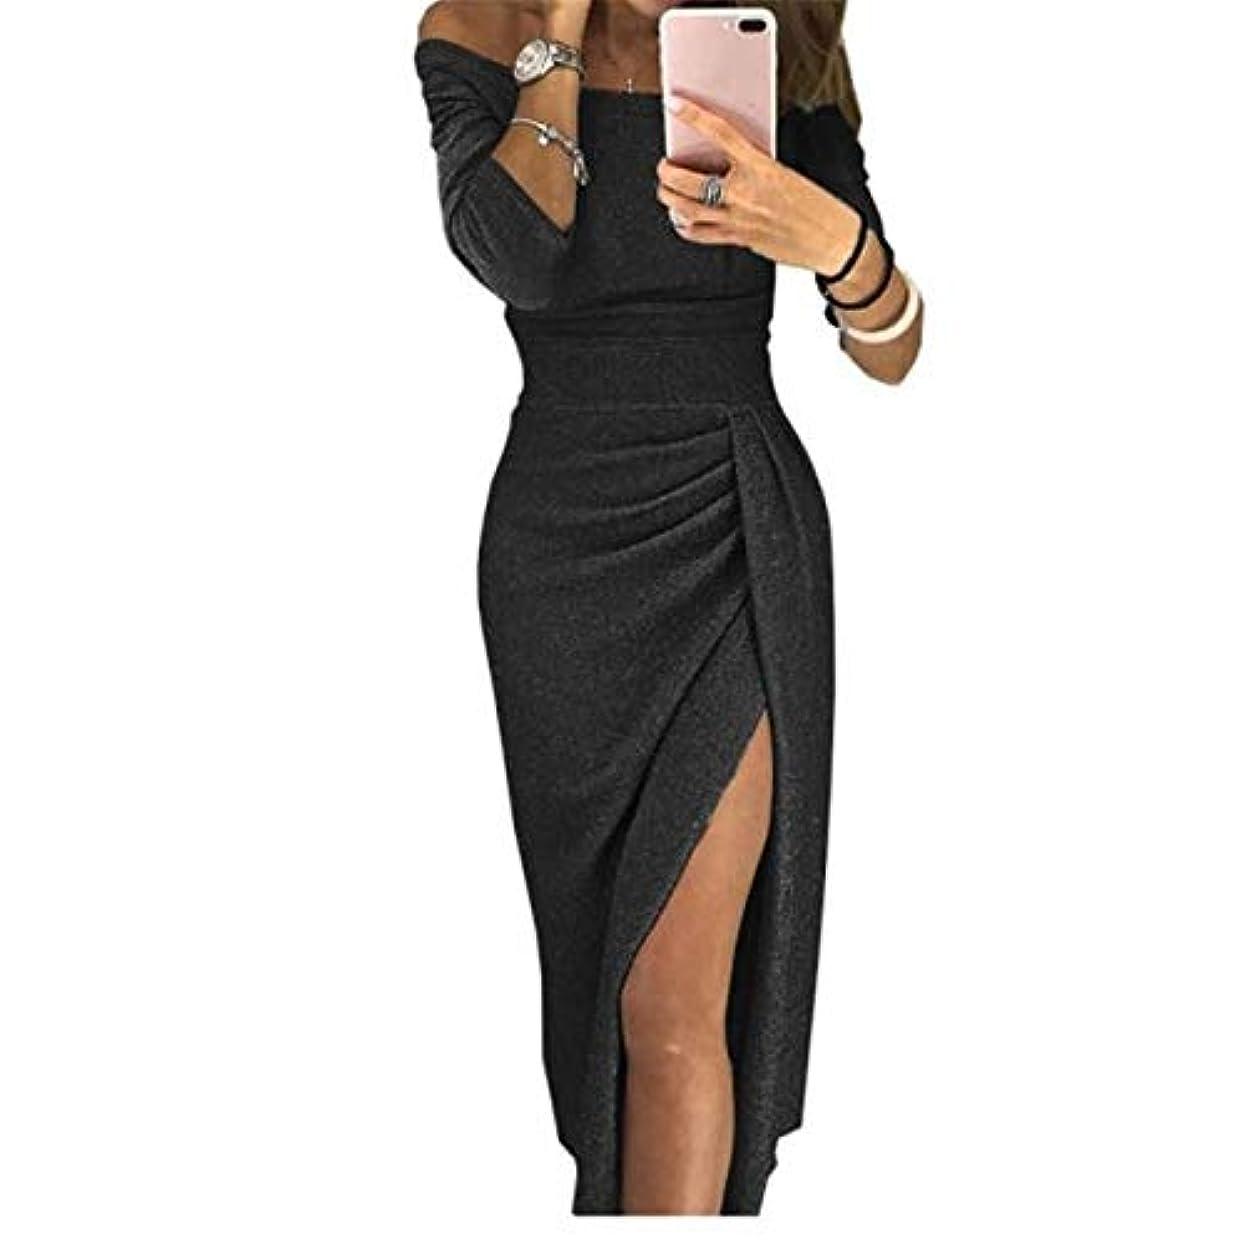 再編成する欠席かんたんOnderroa - 夏の女性のドレスはネックパッケージヒップスプリットセクシーなスパンコールのドレスレディース包帯パーティーナイトクラブミッドカーフ服装スラッシュ